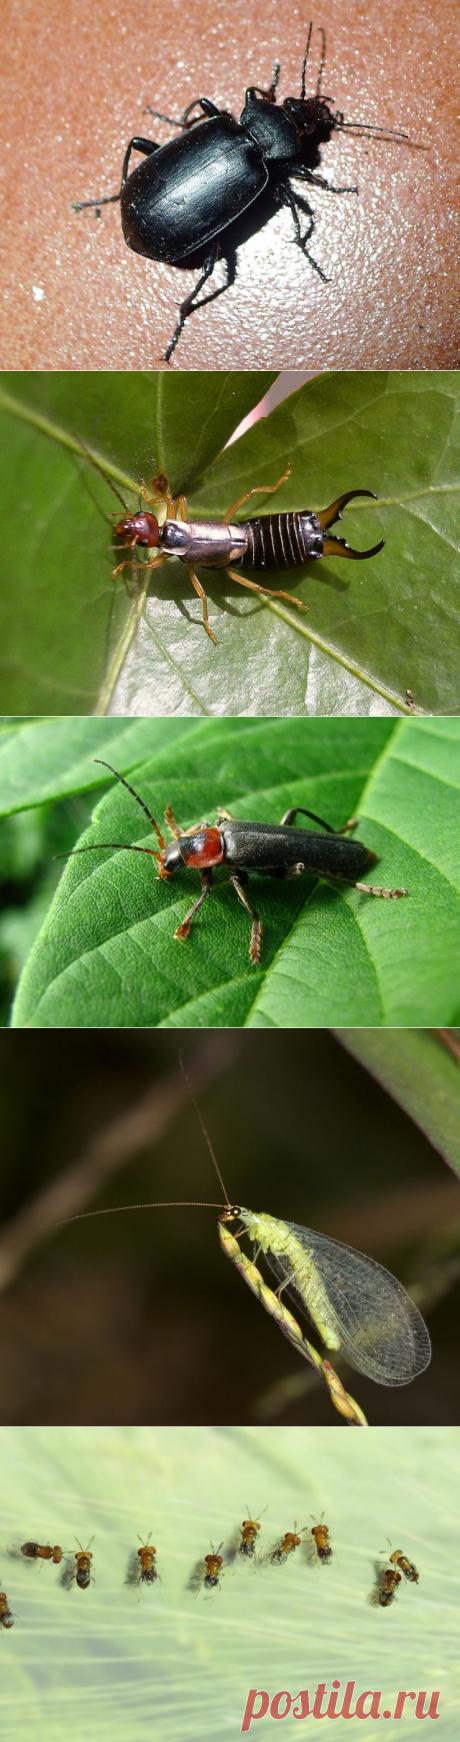 Полезные жуки, которых не стоит истреблять в саду, огороде и на цветах | Болезни и вредители (Огород.ru)